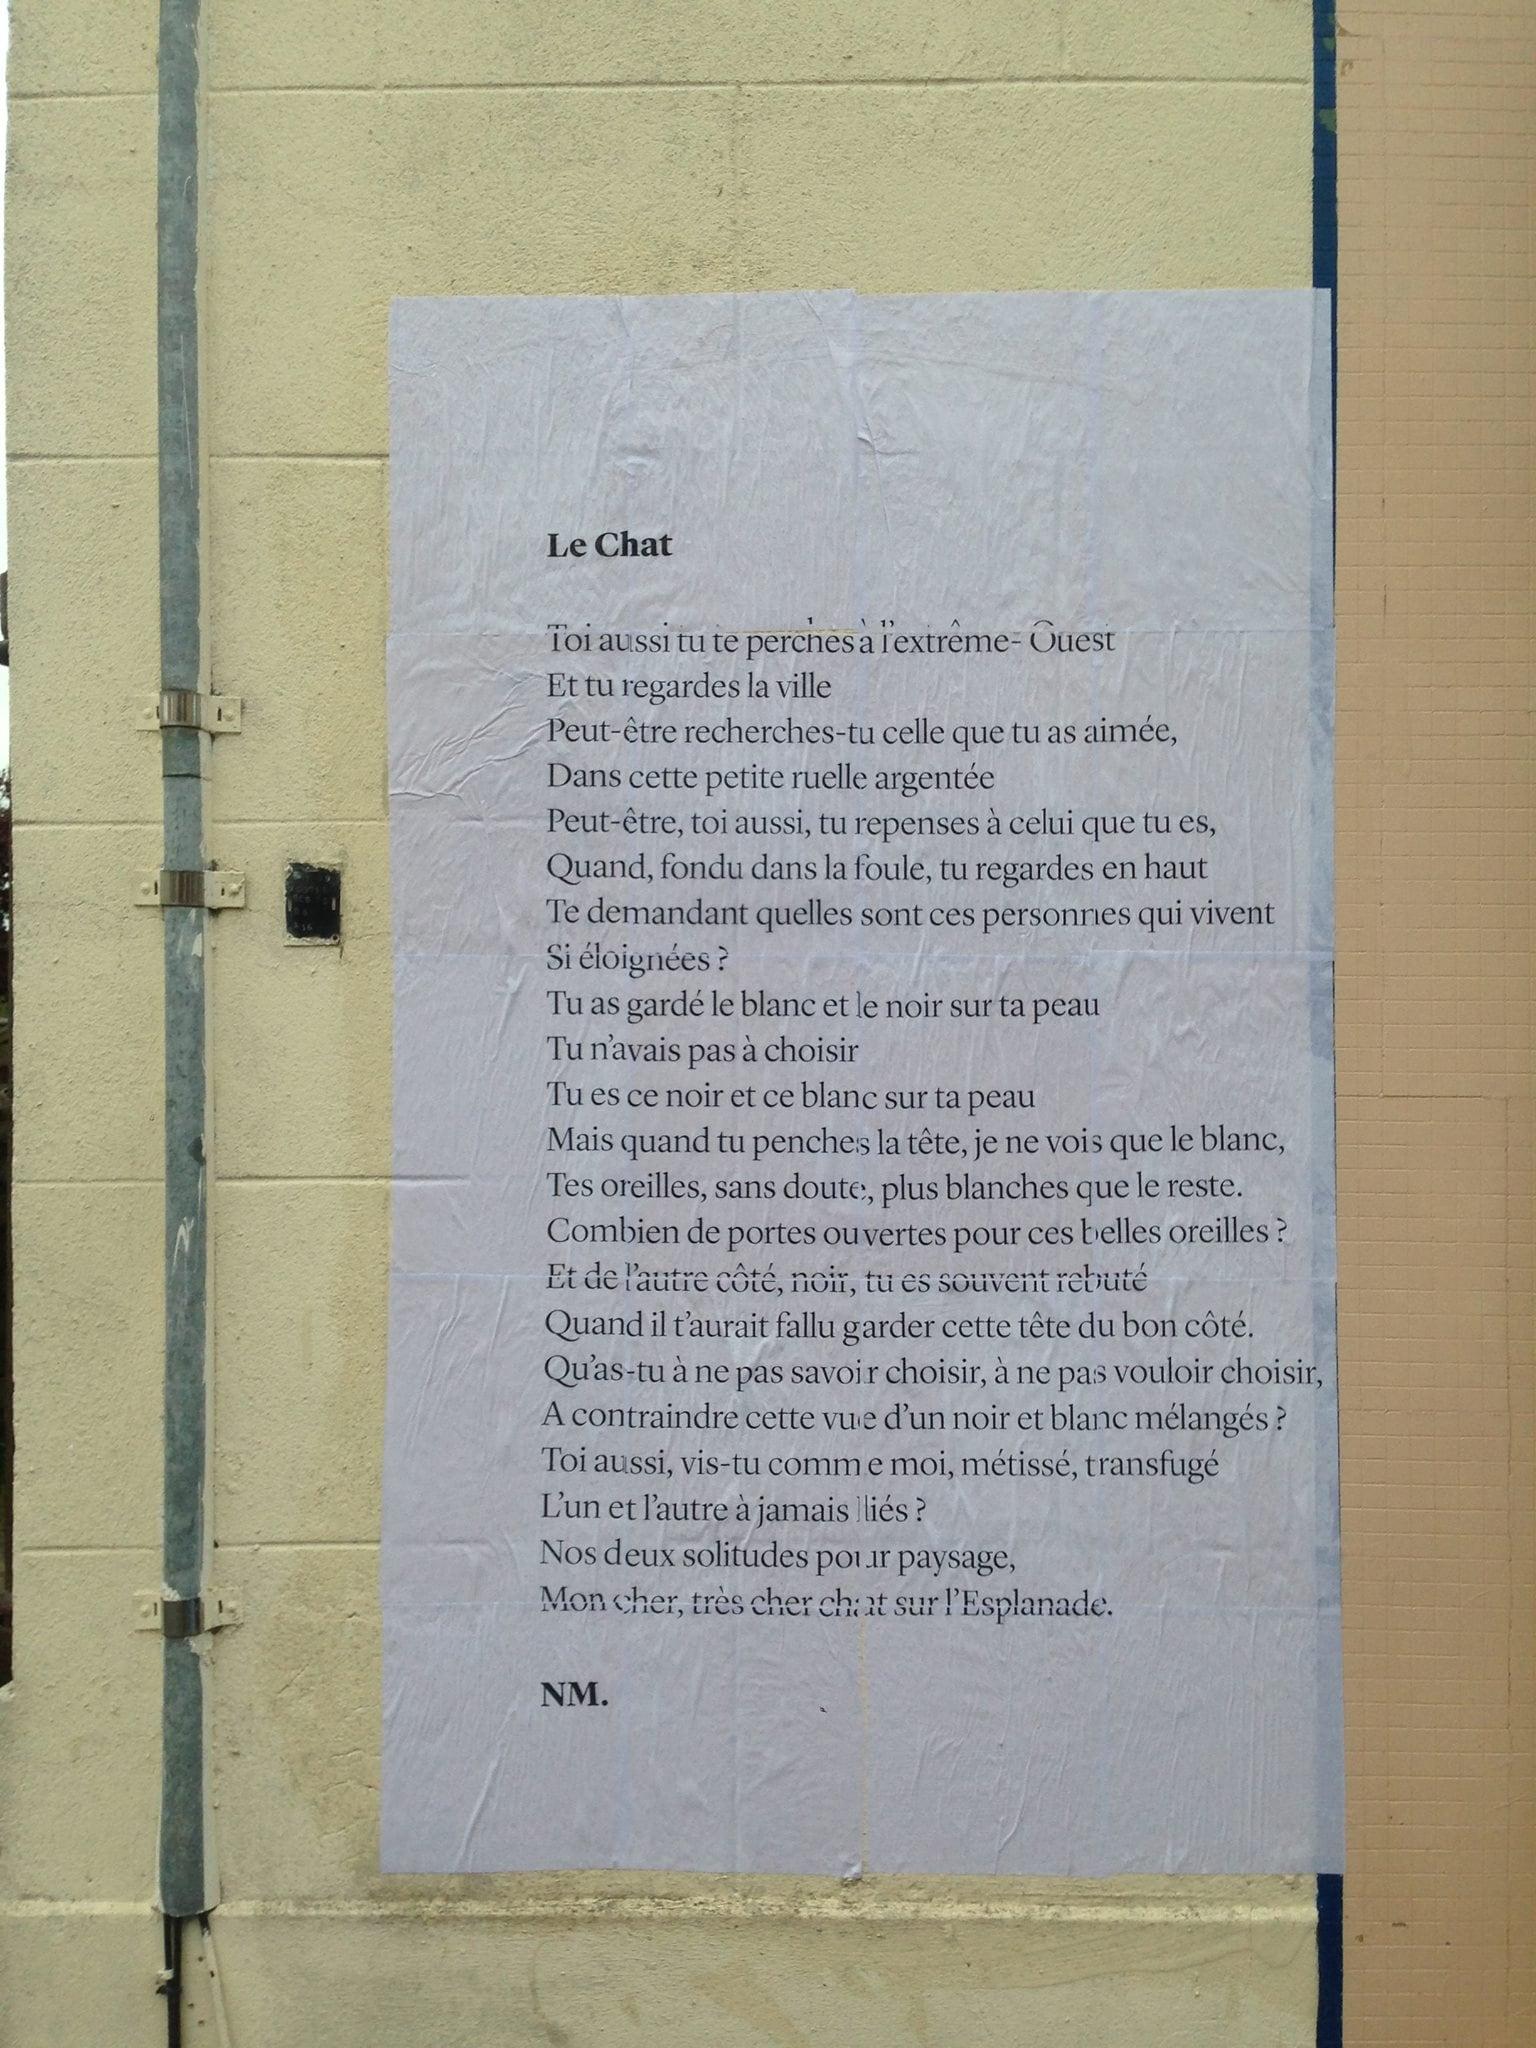 Théâtre du levain, poème Le Chat, nathalieman